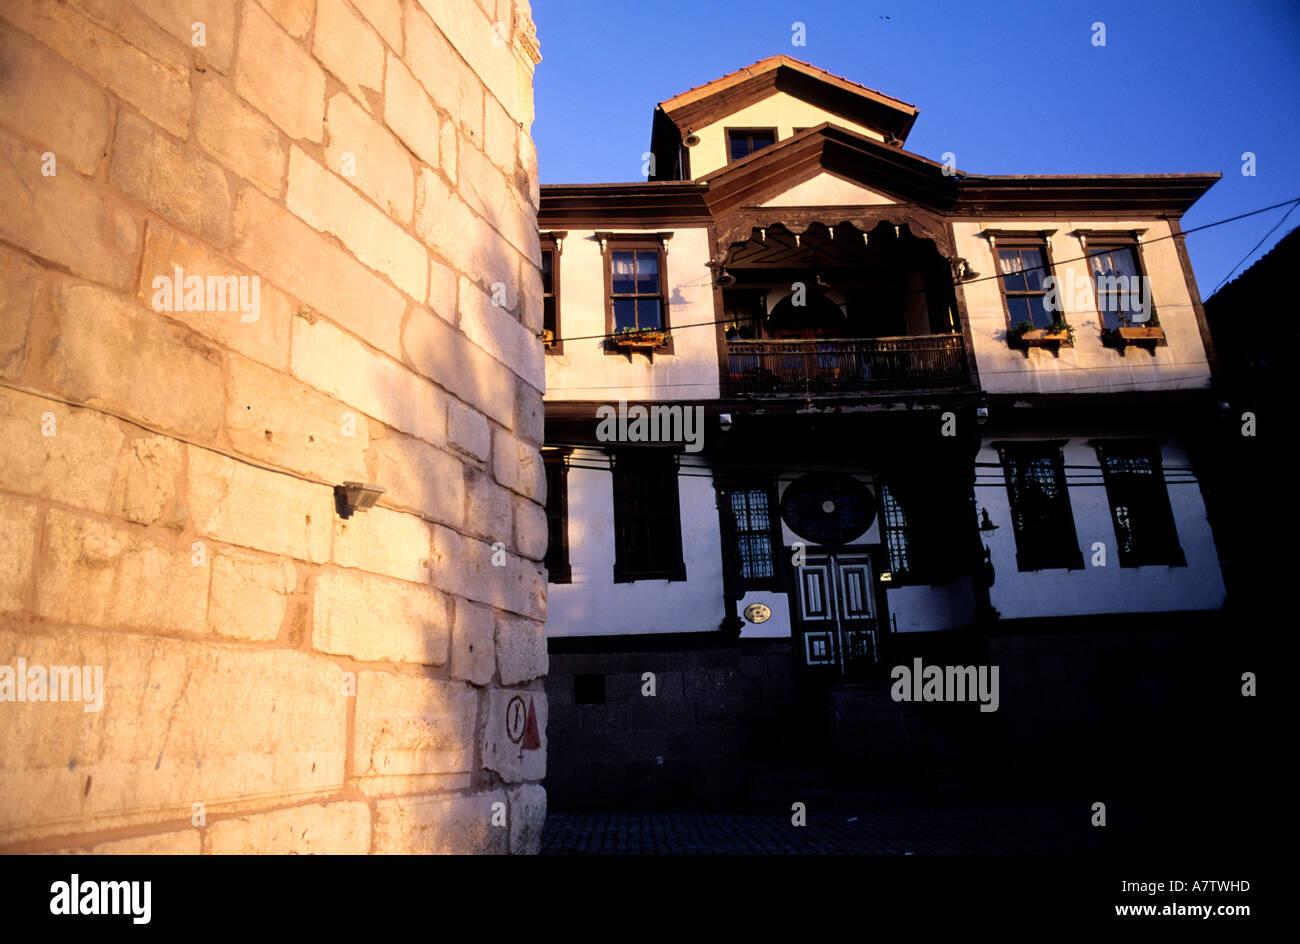 Turkey, Central Anatolia, Ankara city, intrior of the citadel (old city) - Stock Image